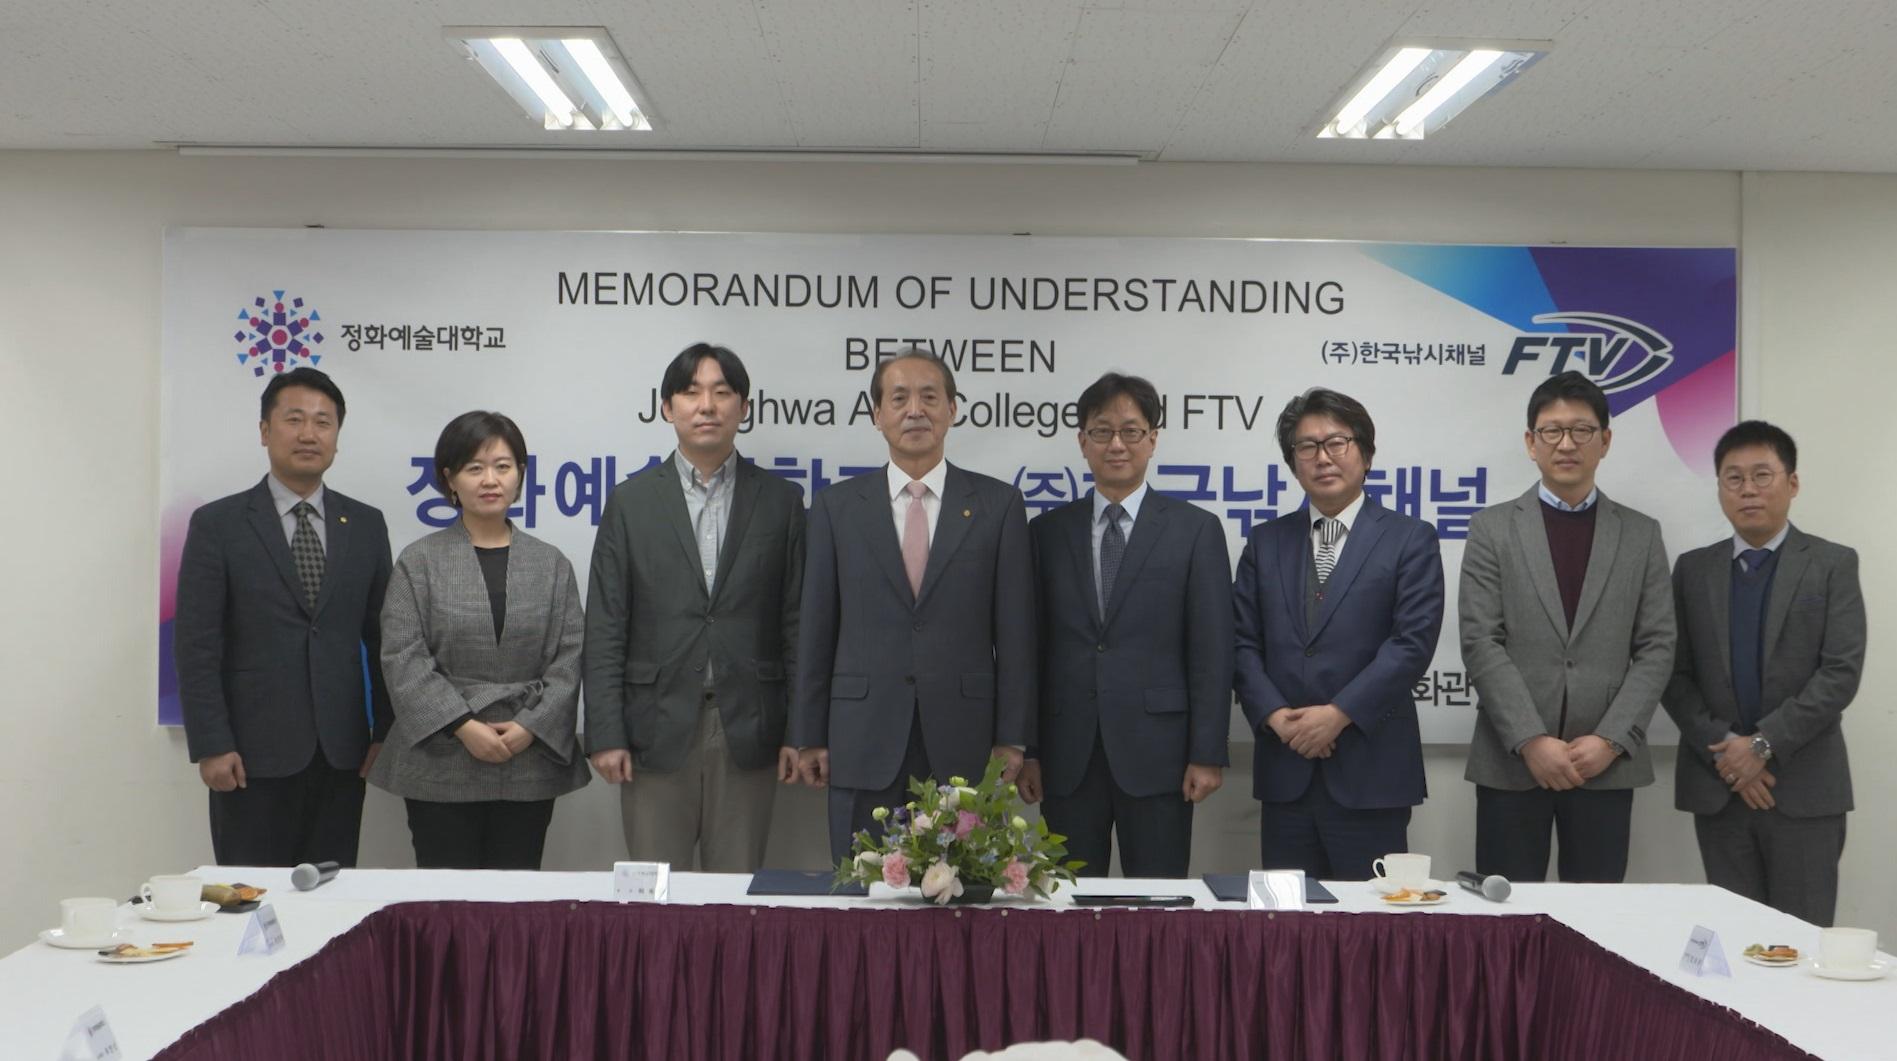 한국낚시채널 FTV, 정화예술대학교와 MOU 체결...실질적이고 다양한 교류·협력 기대